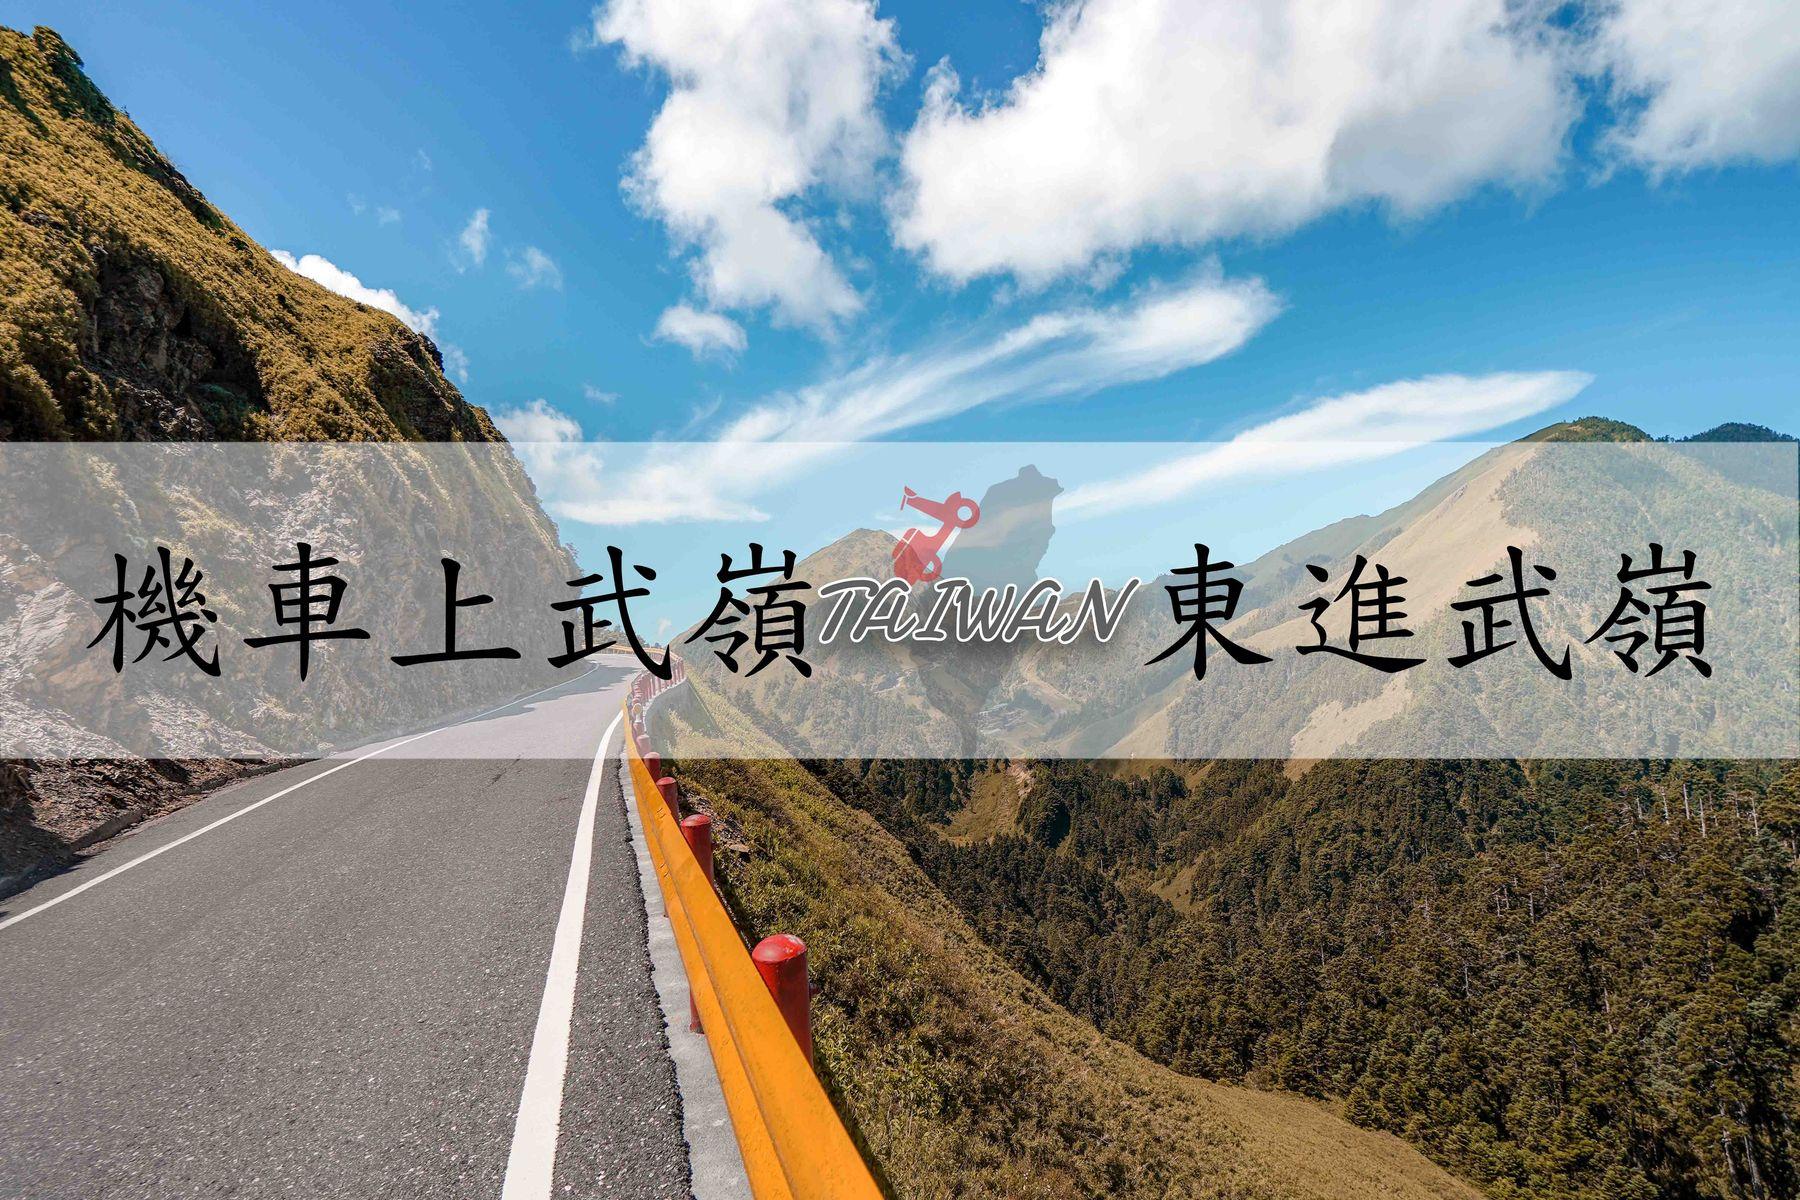 『騎機車東進武嶺』從花蓮上合歡山心得分享| 平行時空的超美世界